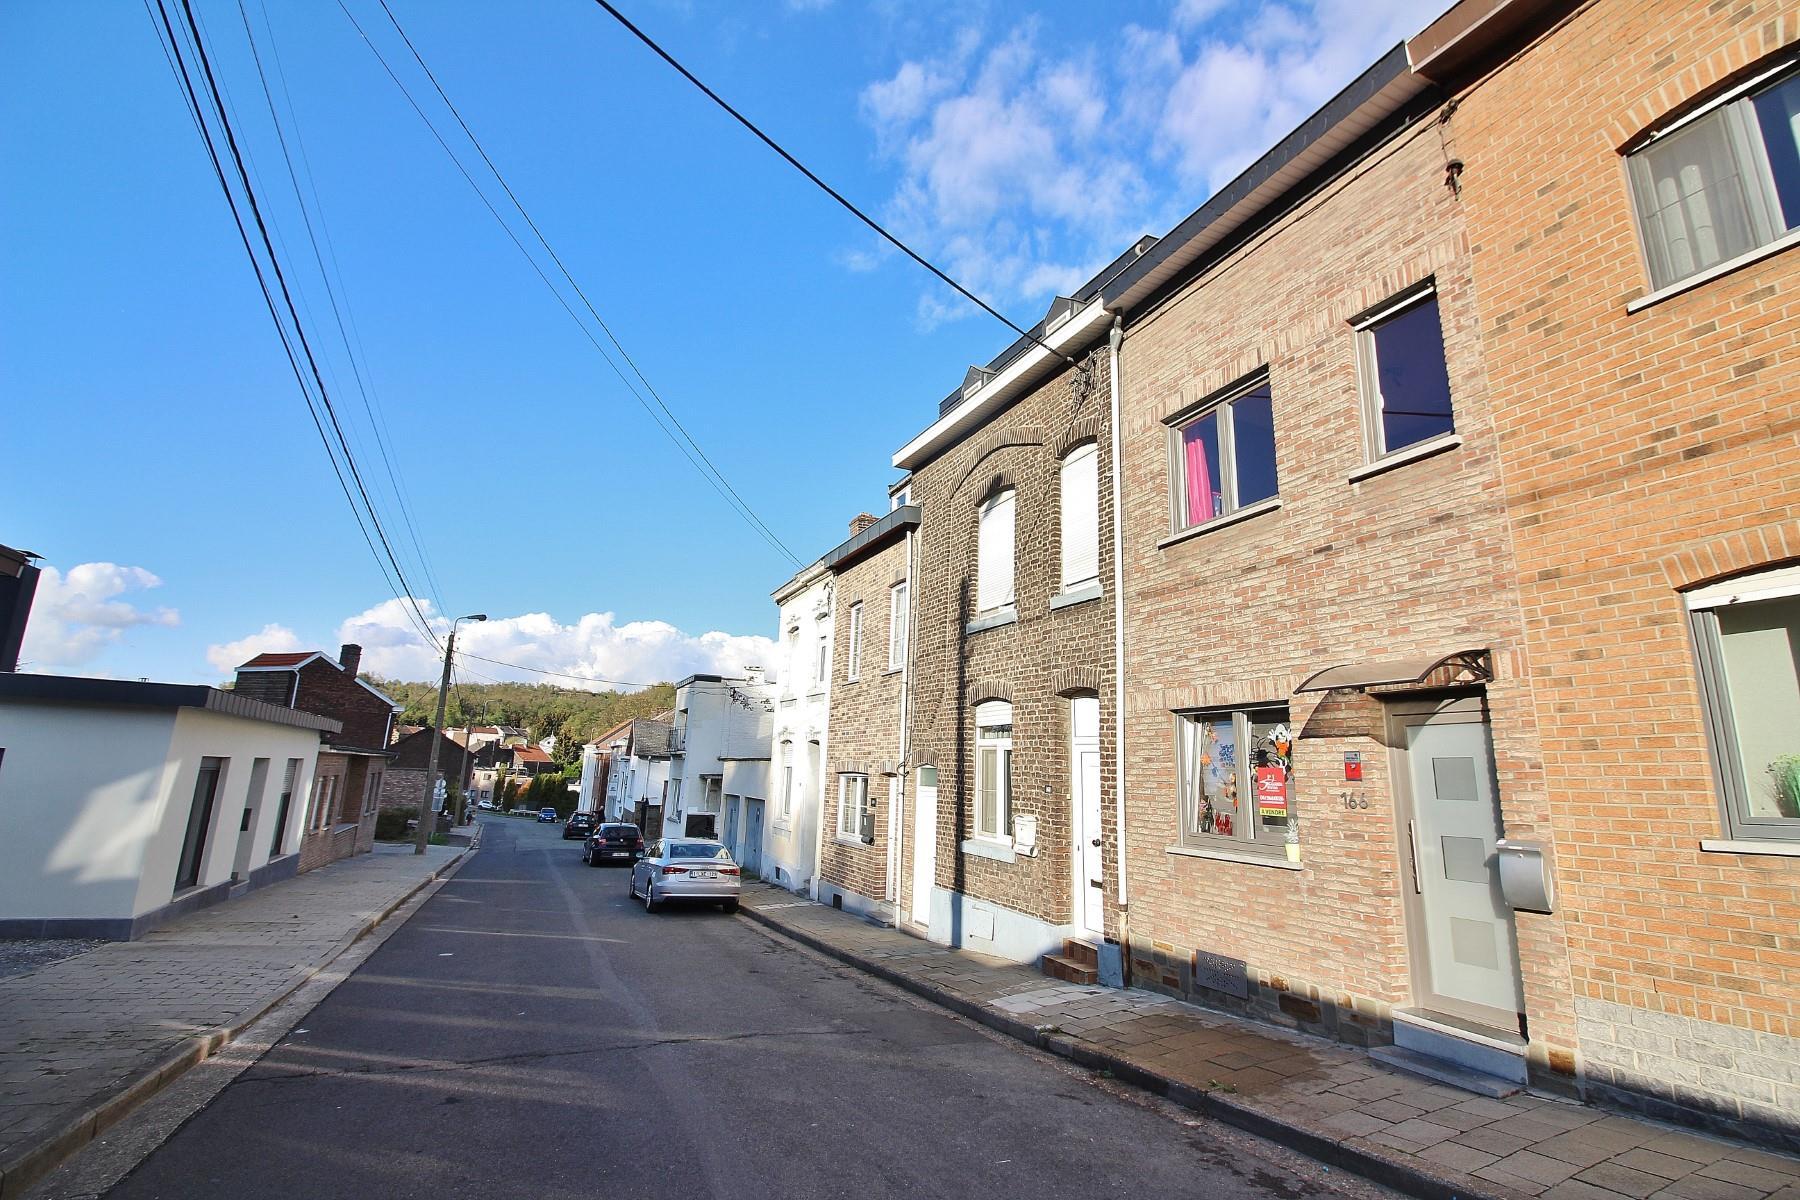 Maison - Seraing Jemeppe-sur-Meuse - #3615686-21